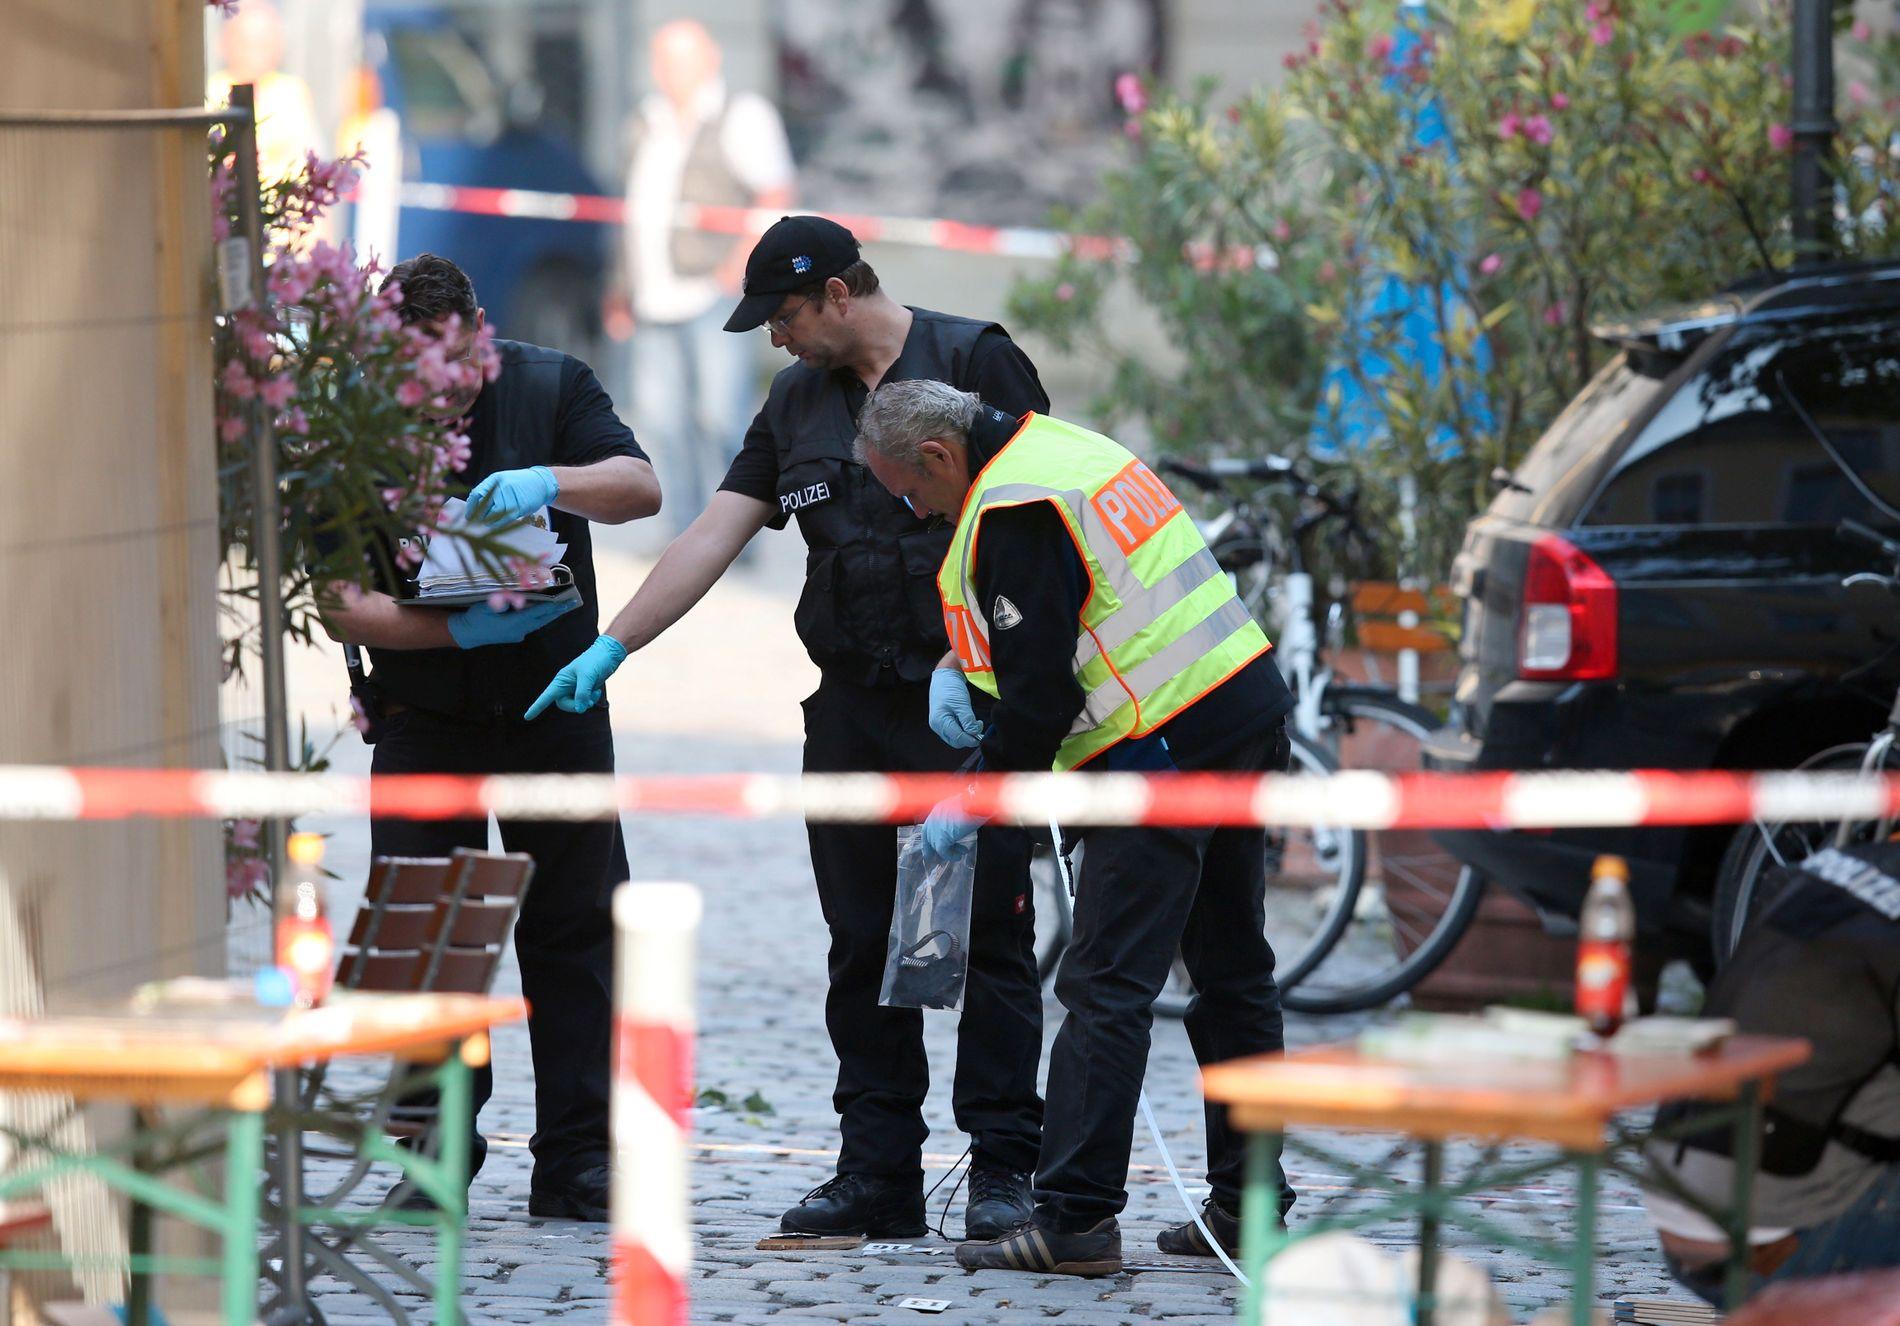 PSYKISK SYK: Gjerningsmannen som sto bak angrepet i Ansbach hadde forsøkt å ta livet sitt to ganger tidligere.